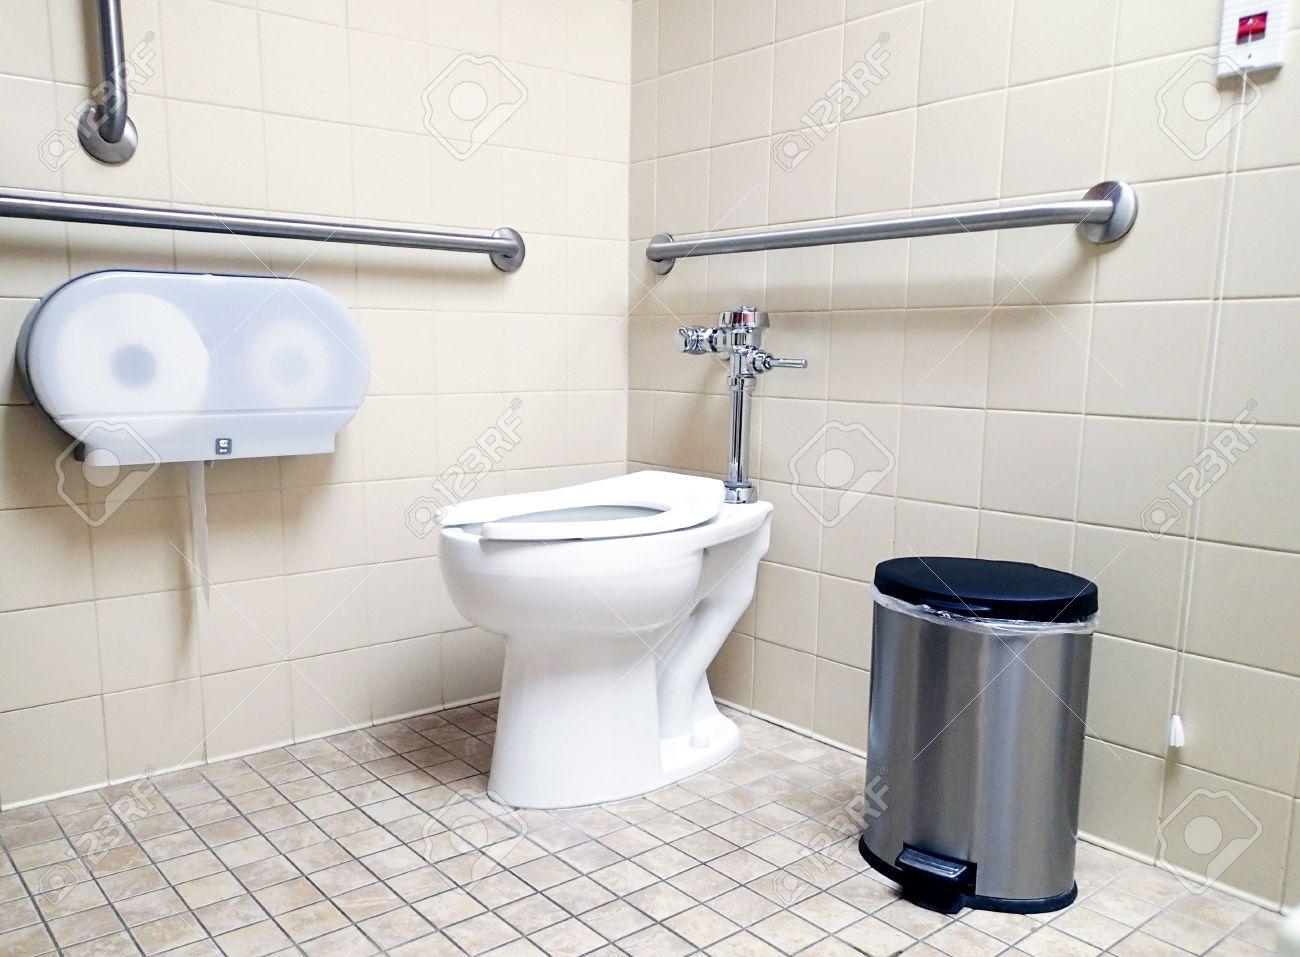 Moderne Behinderte Badezimmer Für Behinderte, Mit Haltegriffen Und  Behindertengerechte Zimmer. Lizenzfreie Bilder   34710876